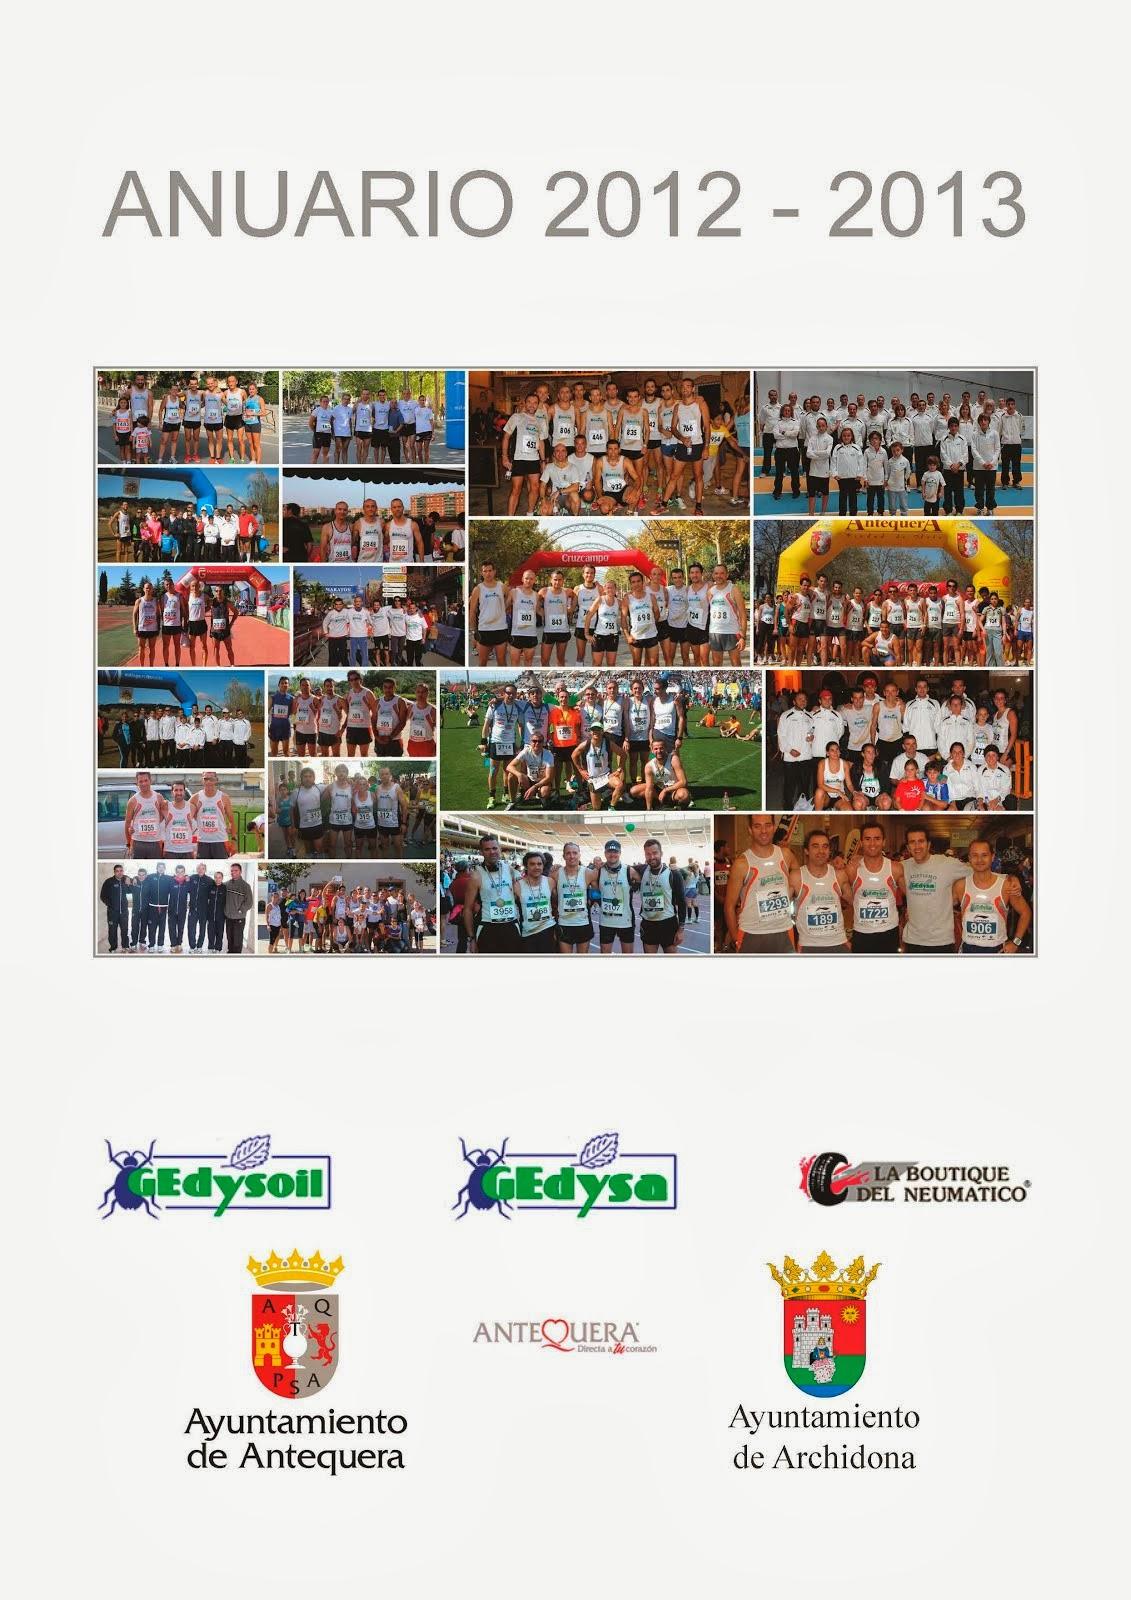 Anuario 2012 - 2013